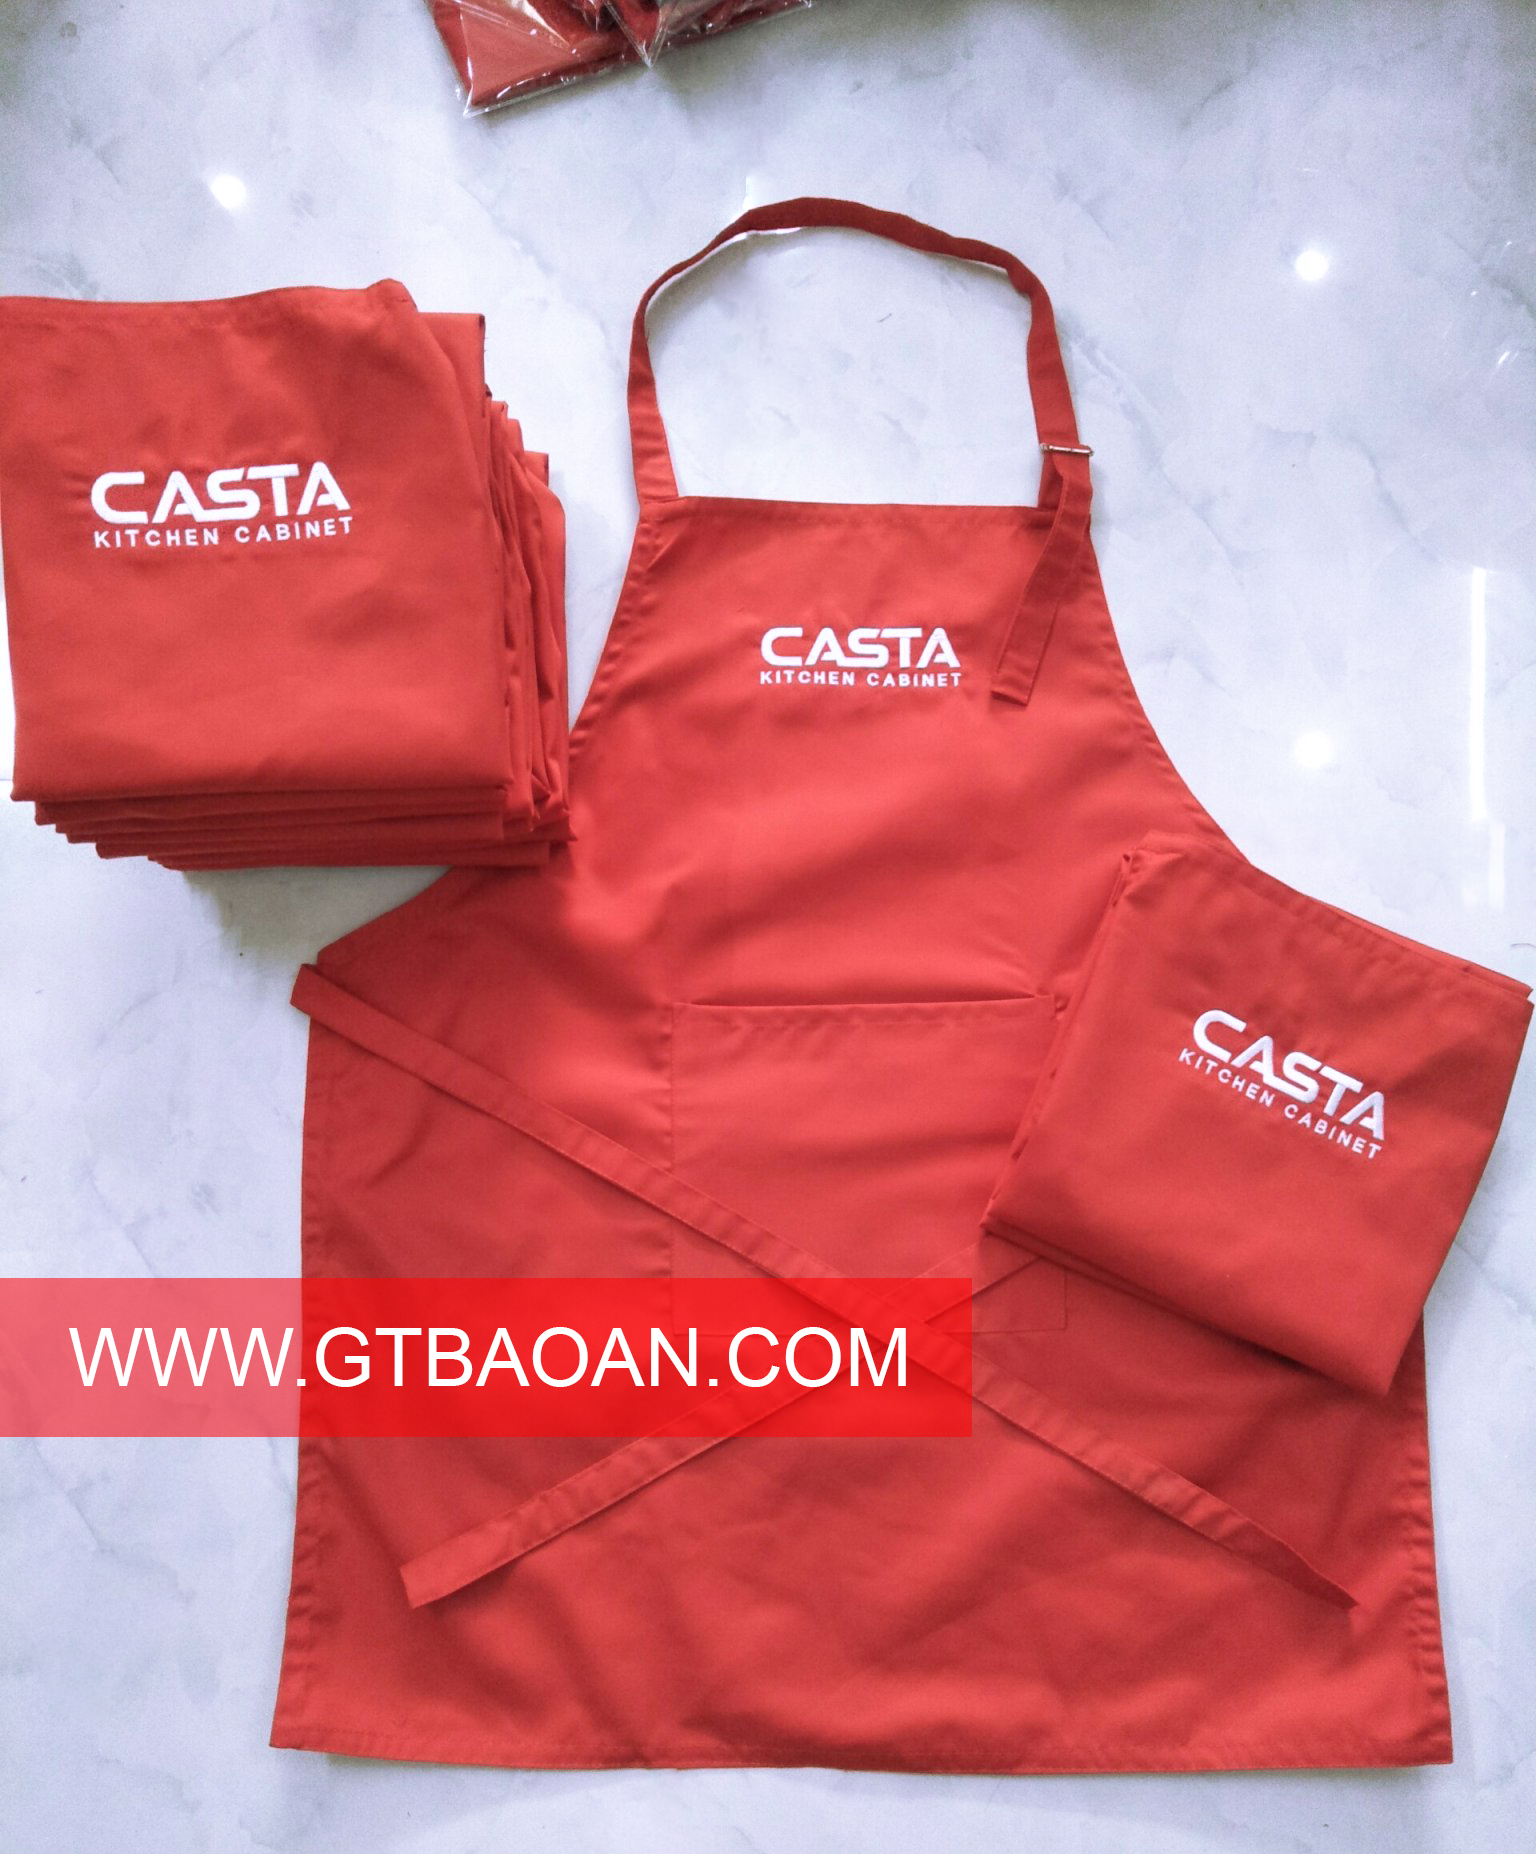 Tạp dề đồng phục nhân viên casta